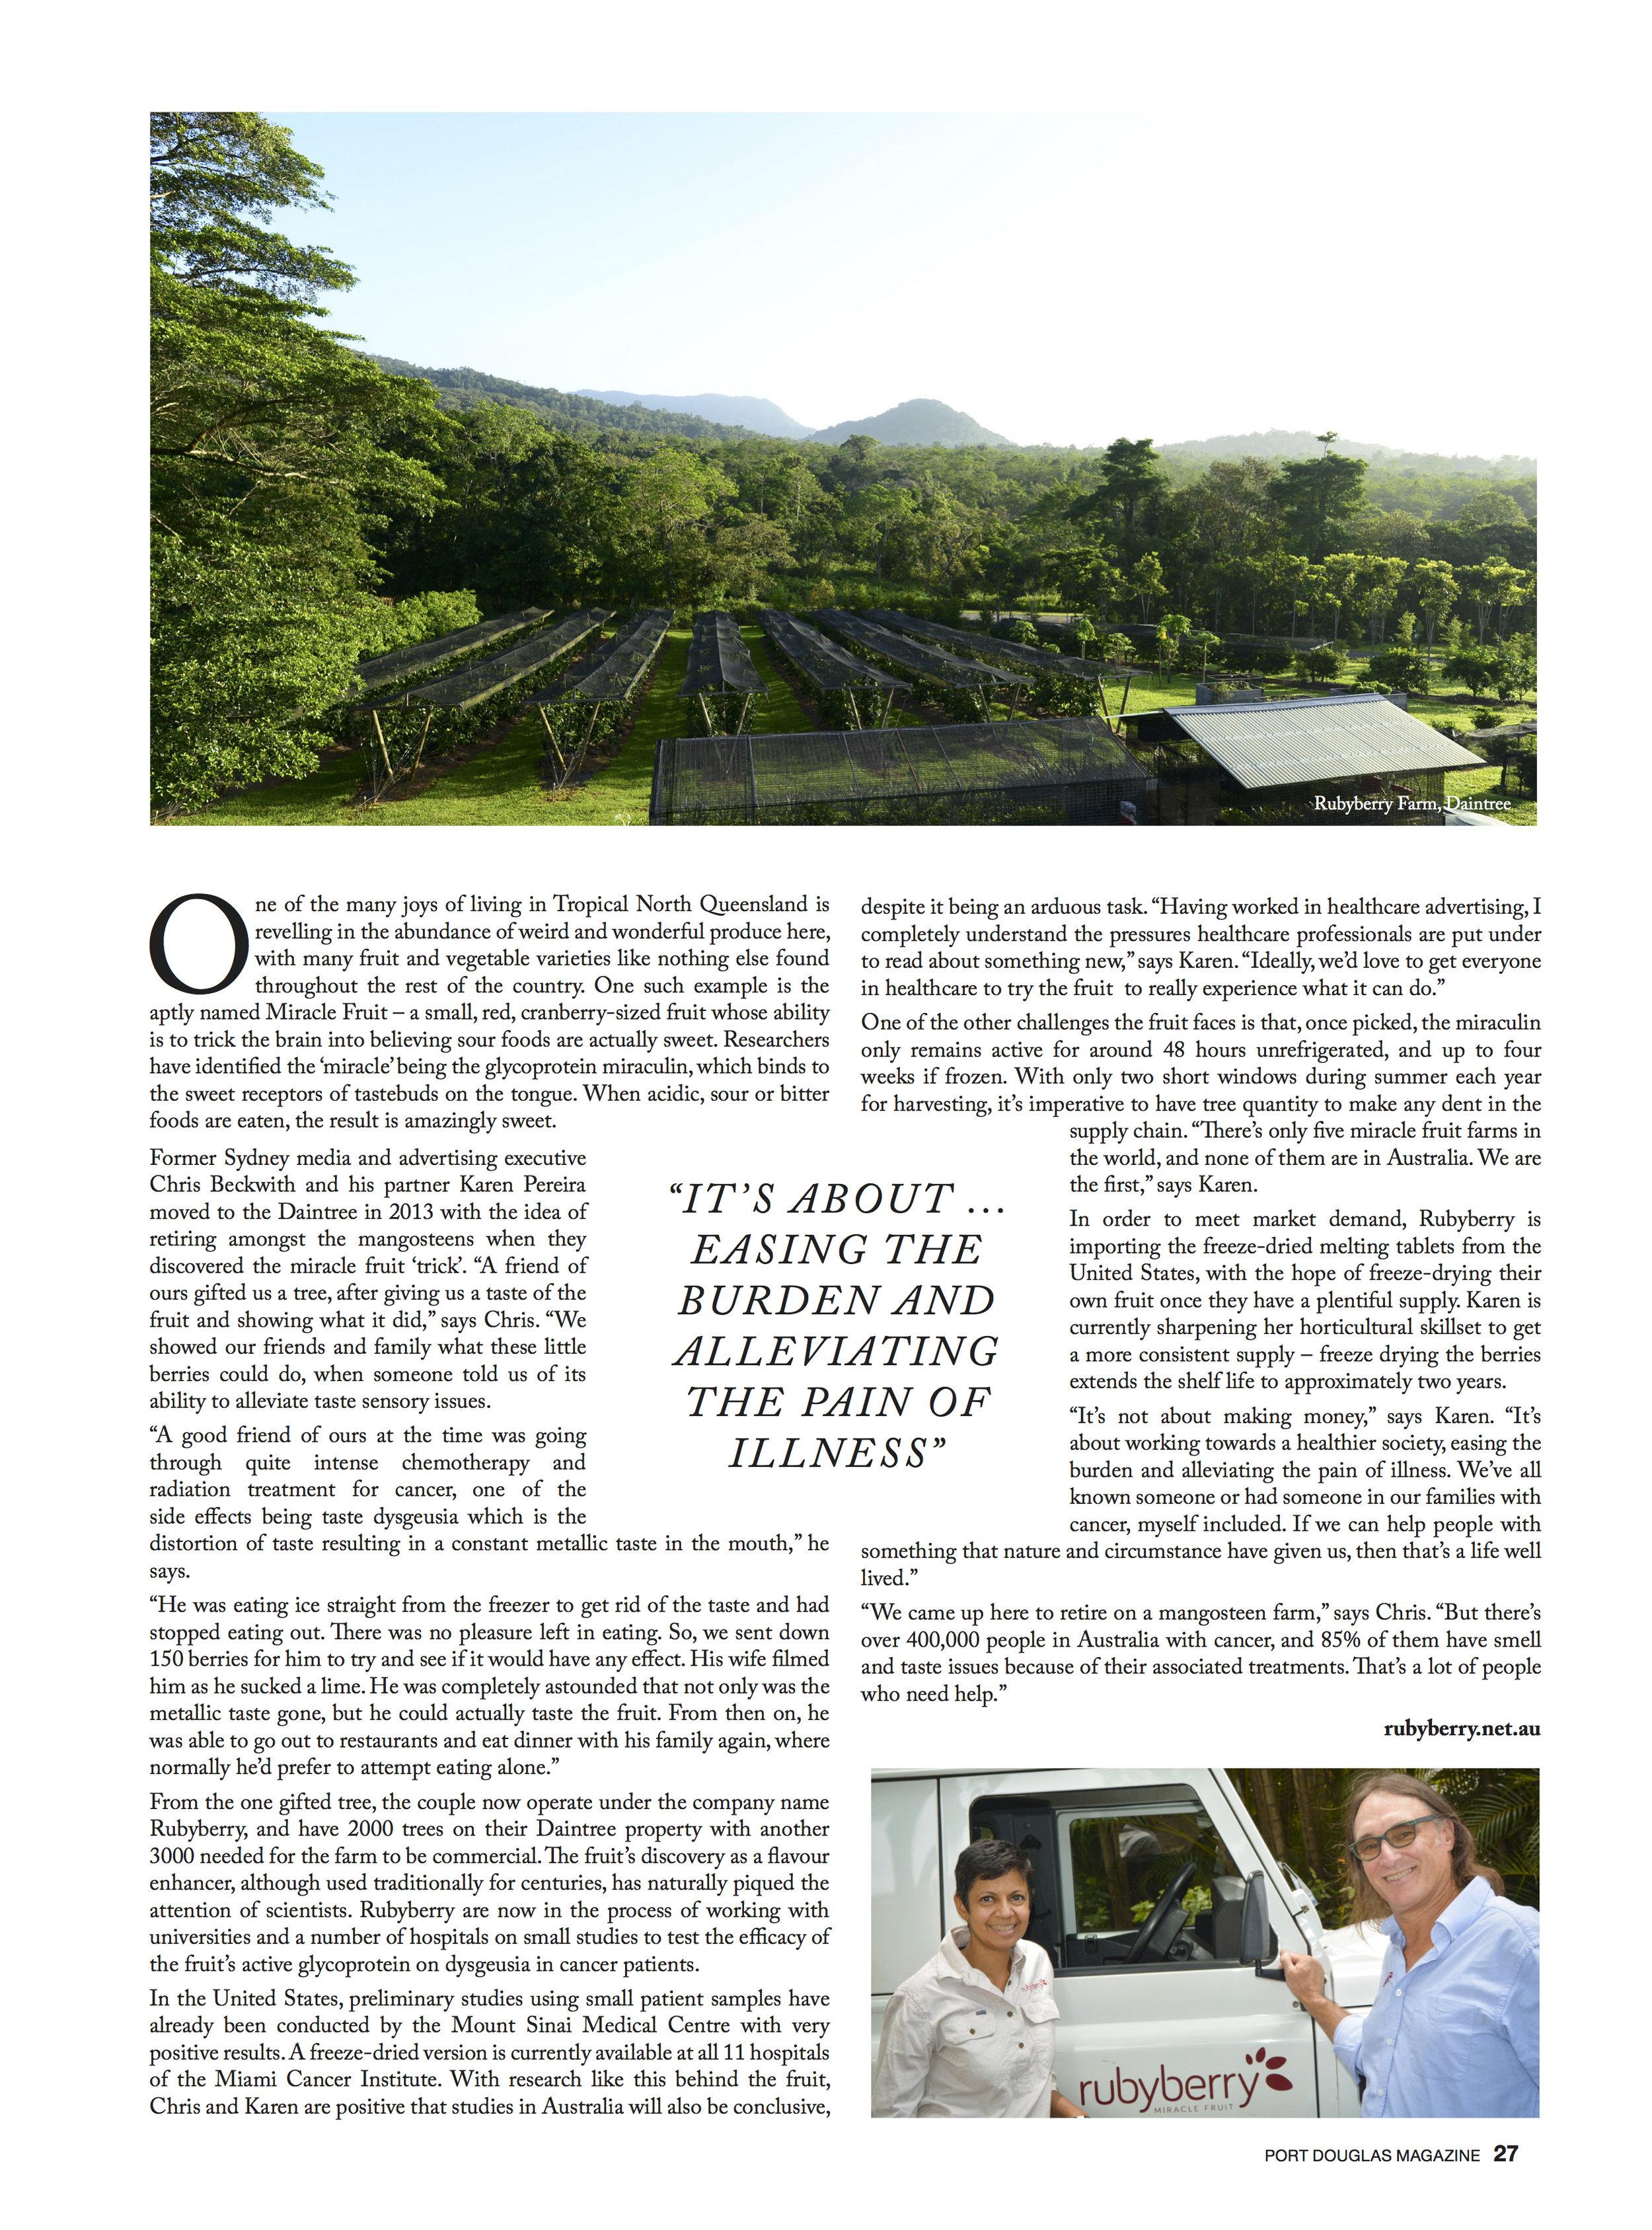 PortDouglasMagazine28_2.jpg